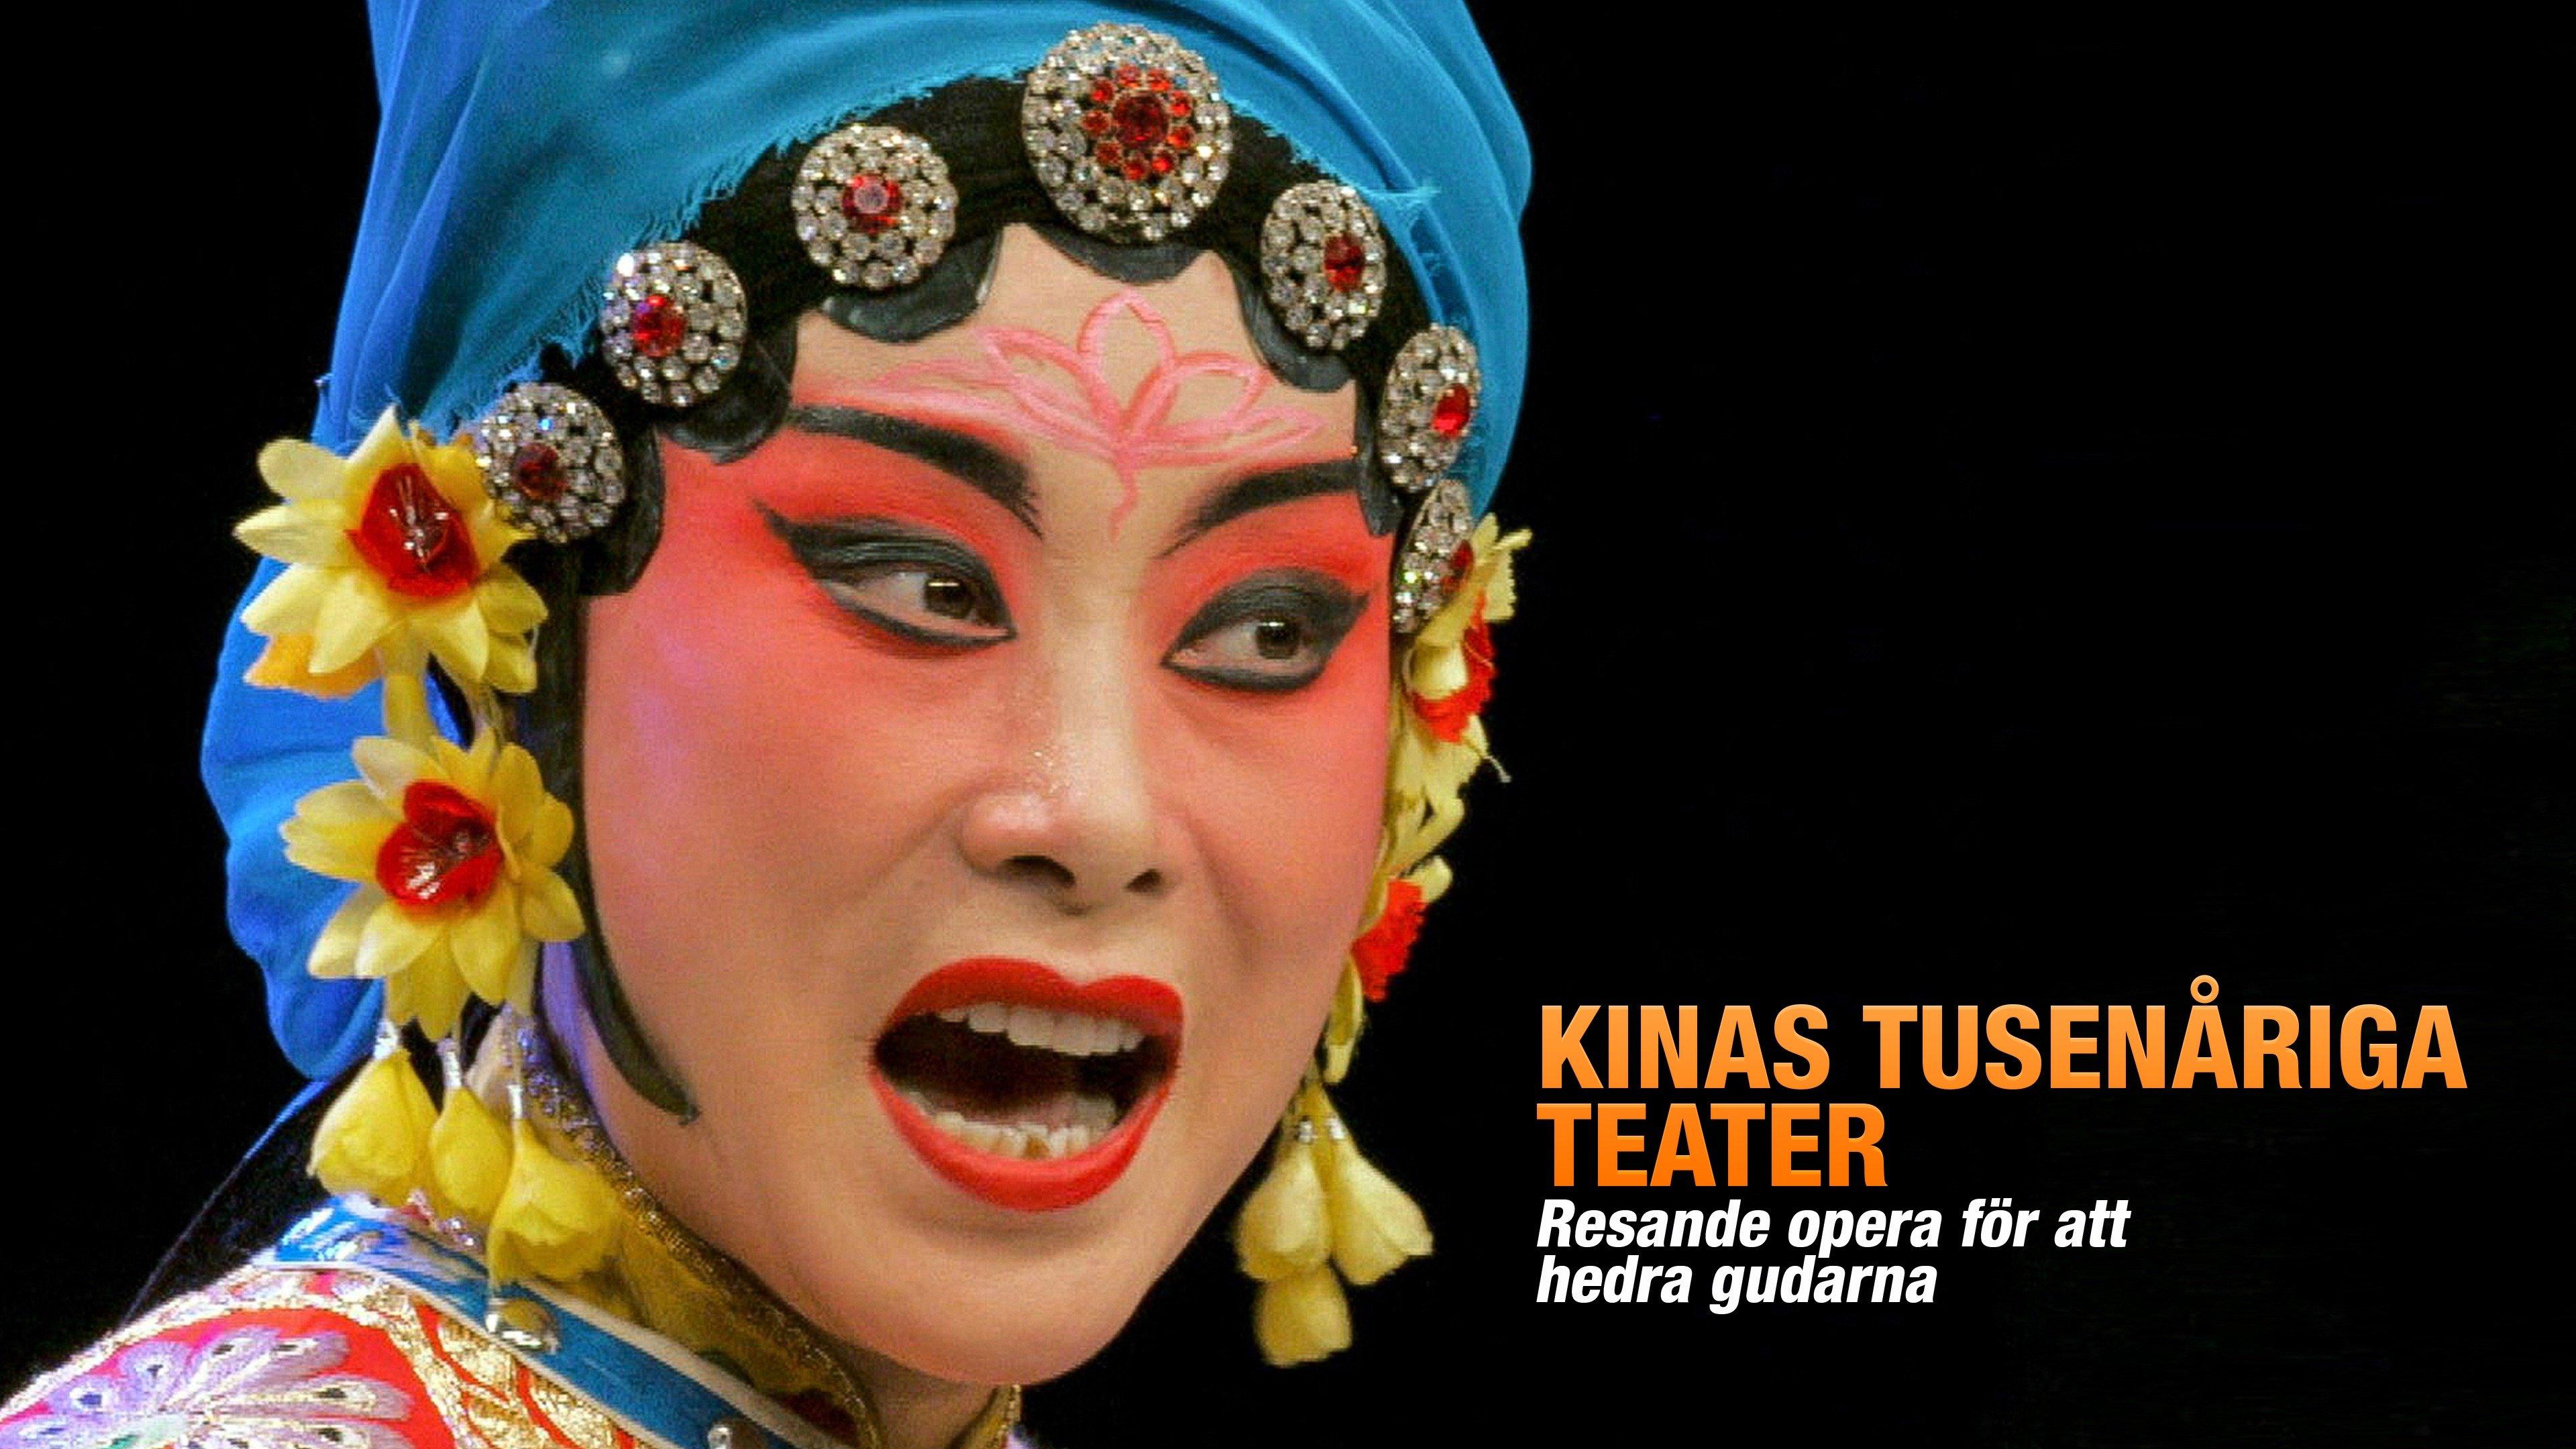 Kinas tusenåriga teater - Resande opera för att hedra gudarna